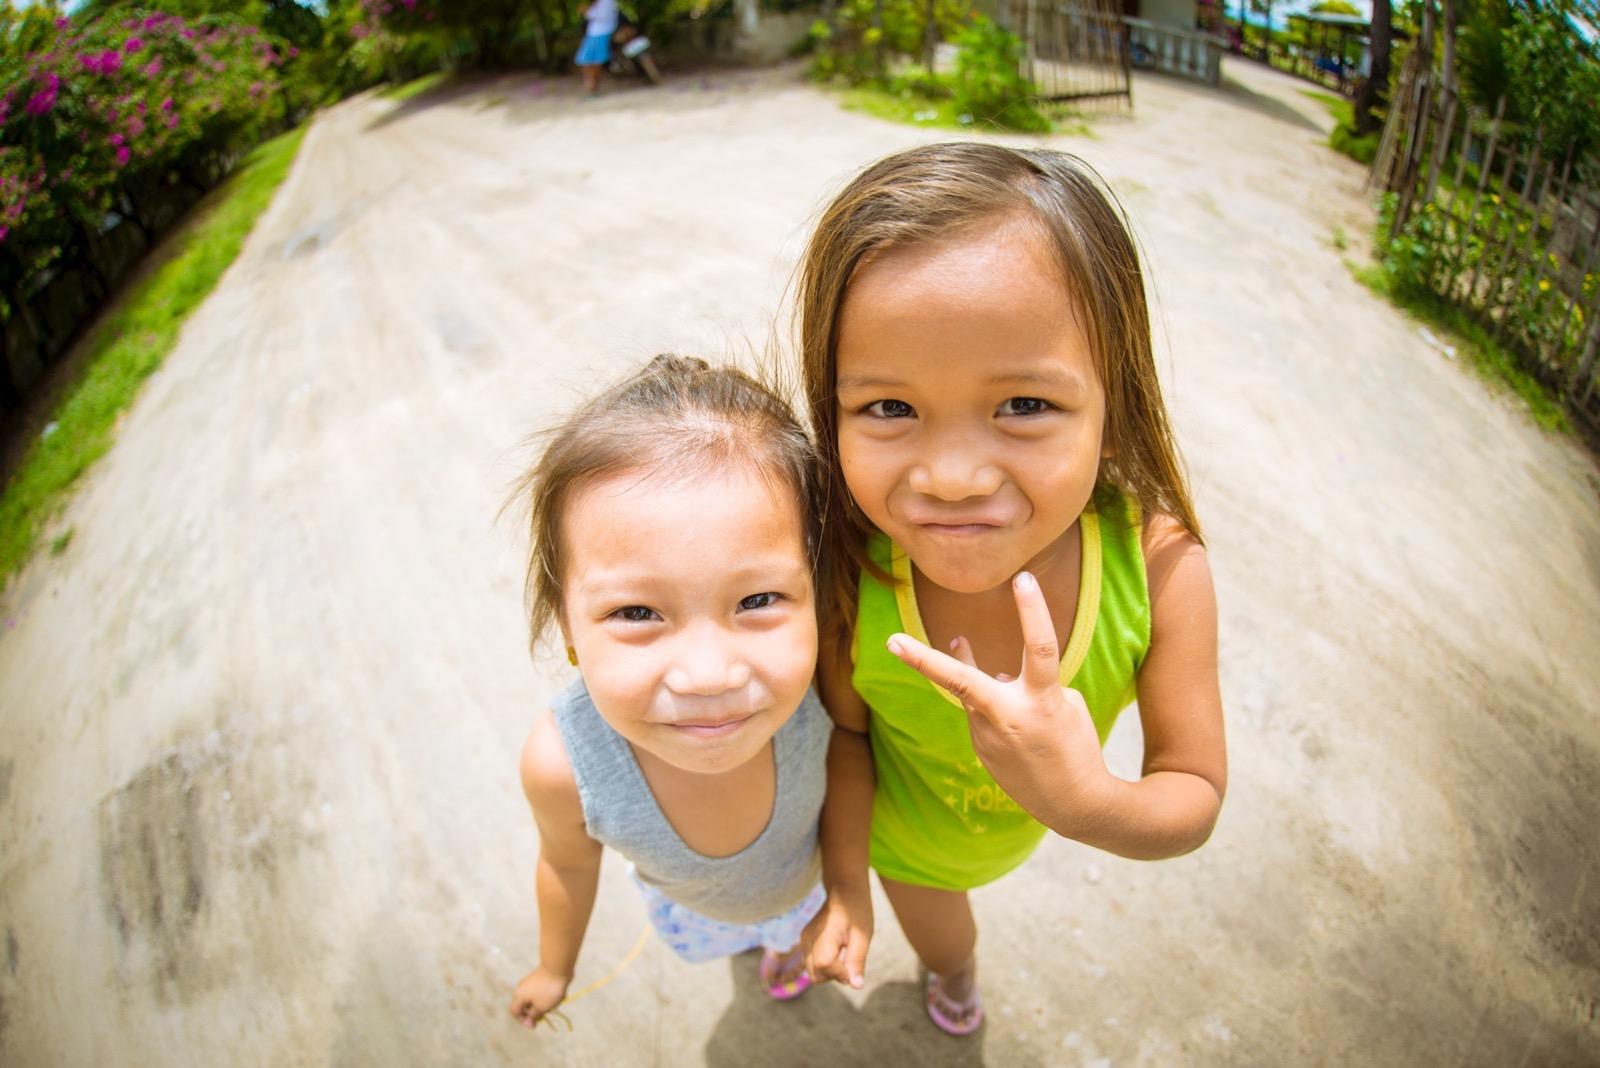 オランゴ島の子供の笑顔